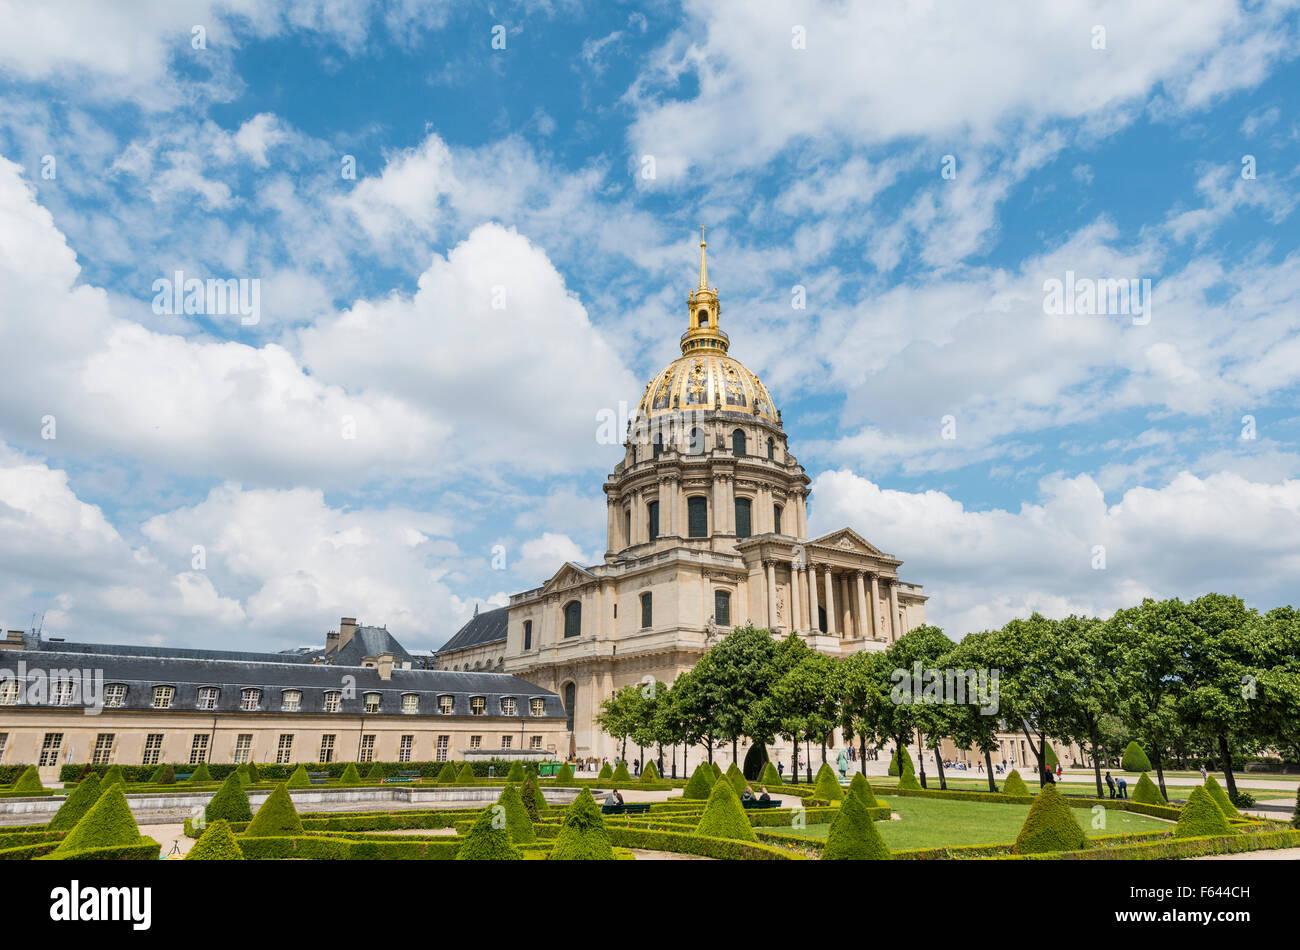 Les Invalides, Paris, Ile-de-France, France - Stock Image